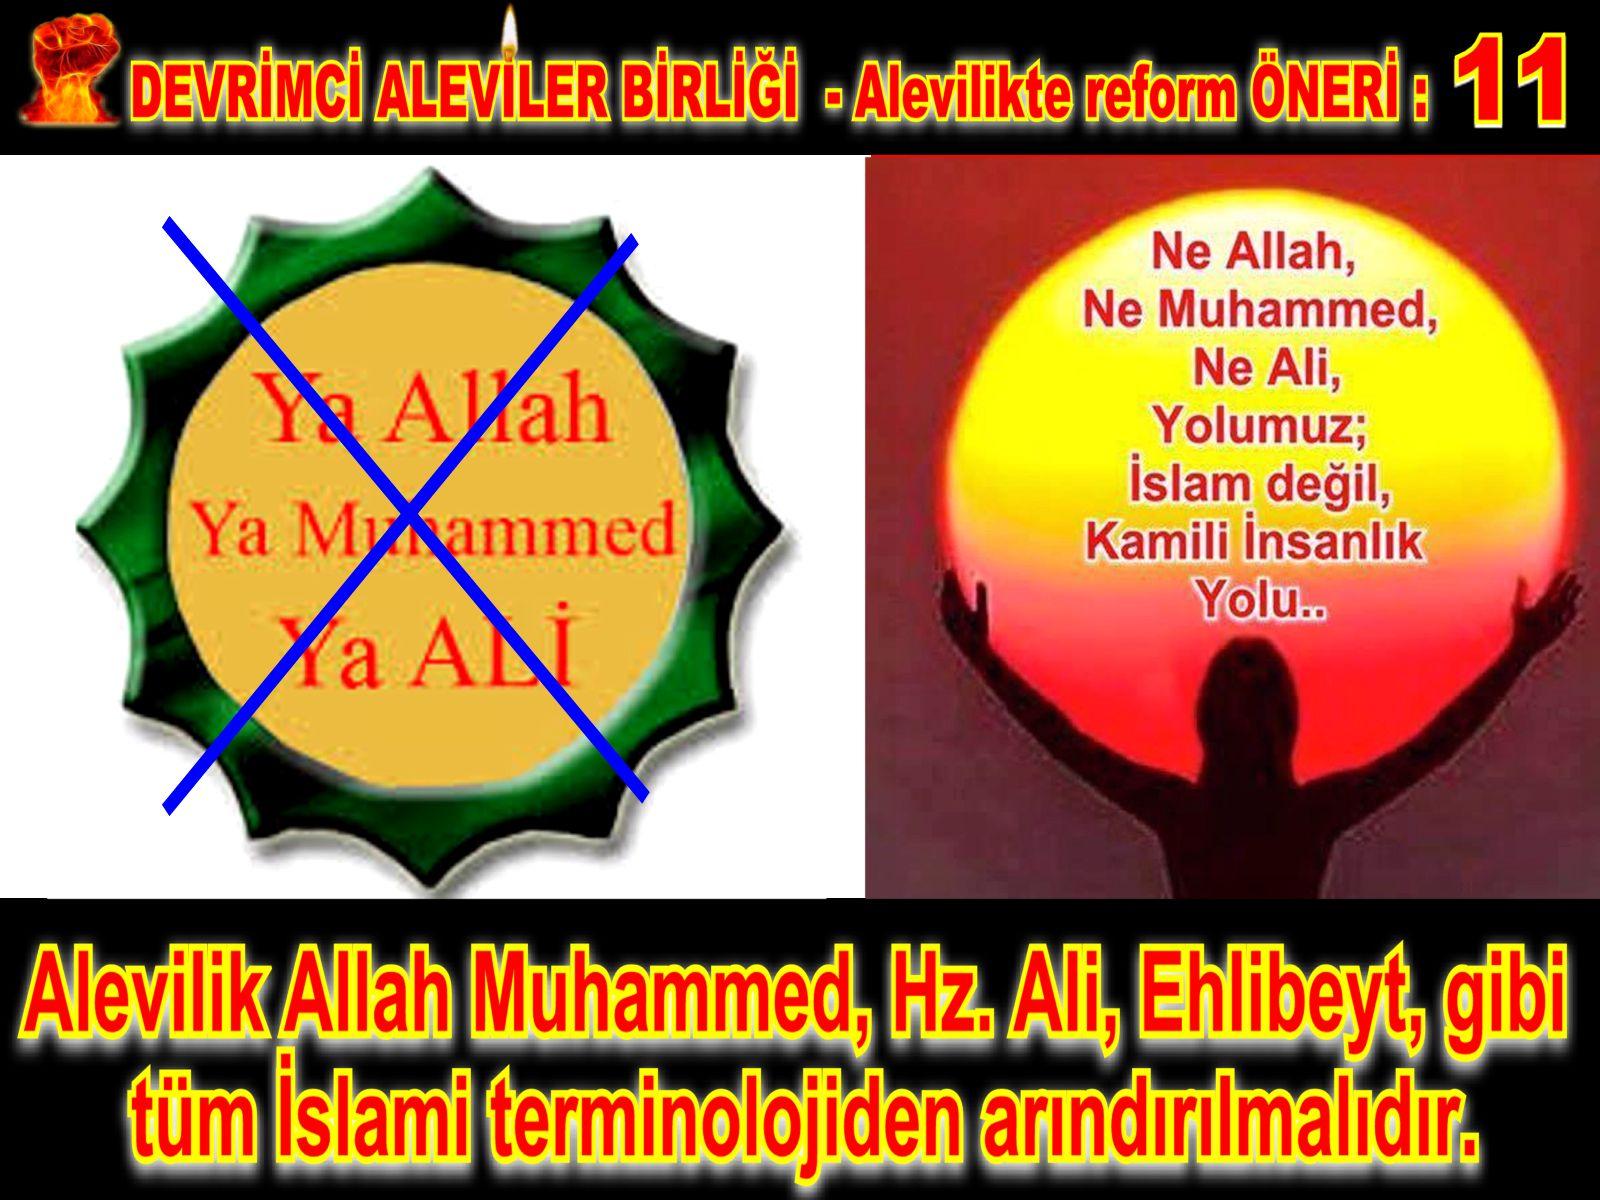 Devrimci Aleviler Birliği DAB Alevi Kızılbaş Bektaşi pir sultan cem hz Ali 12 imam semah Feramuz Şah Acar REFOM oneri11